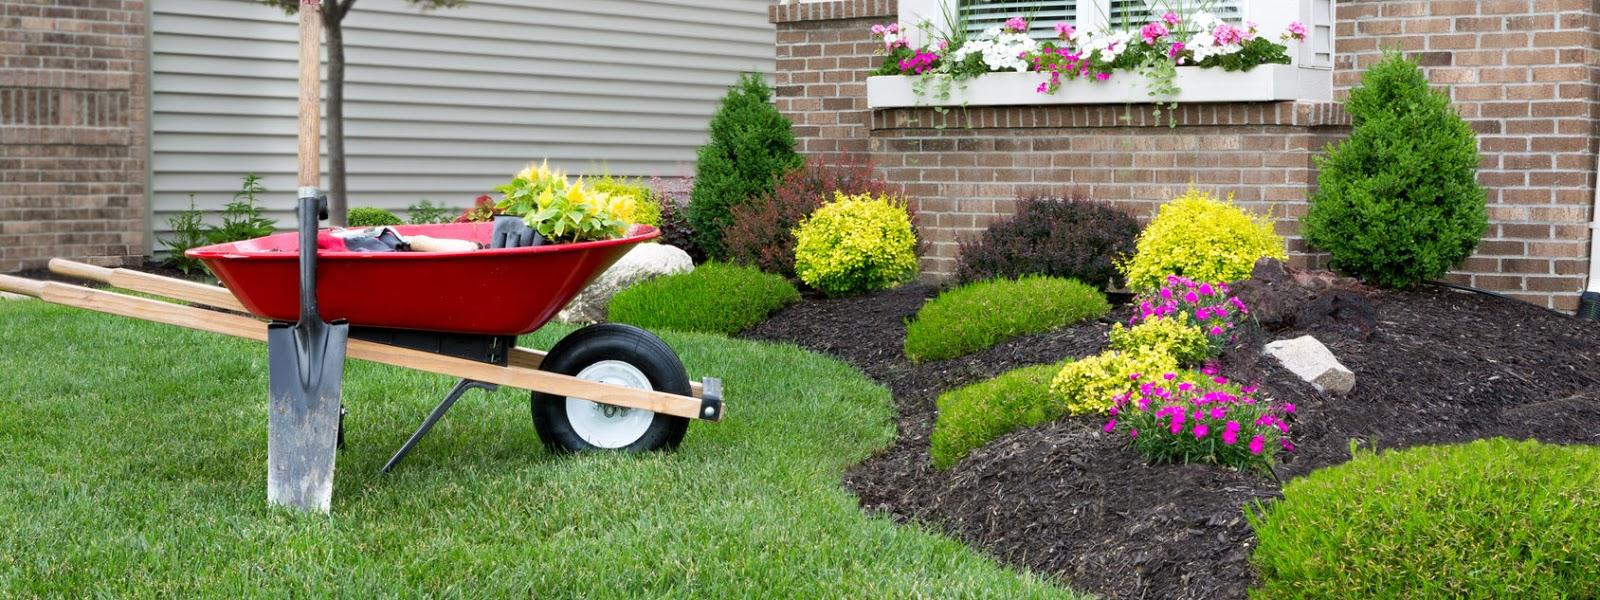 Progettare un giardino 5 errori da evitare for Progettare un terrazzo giardino